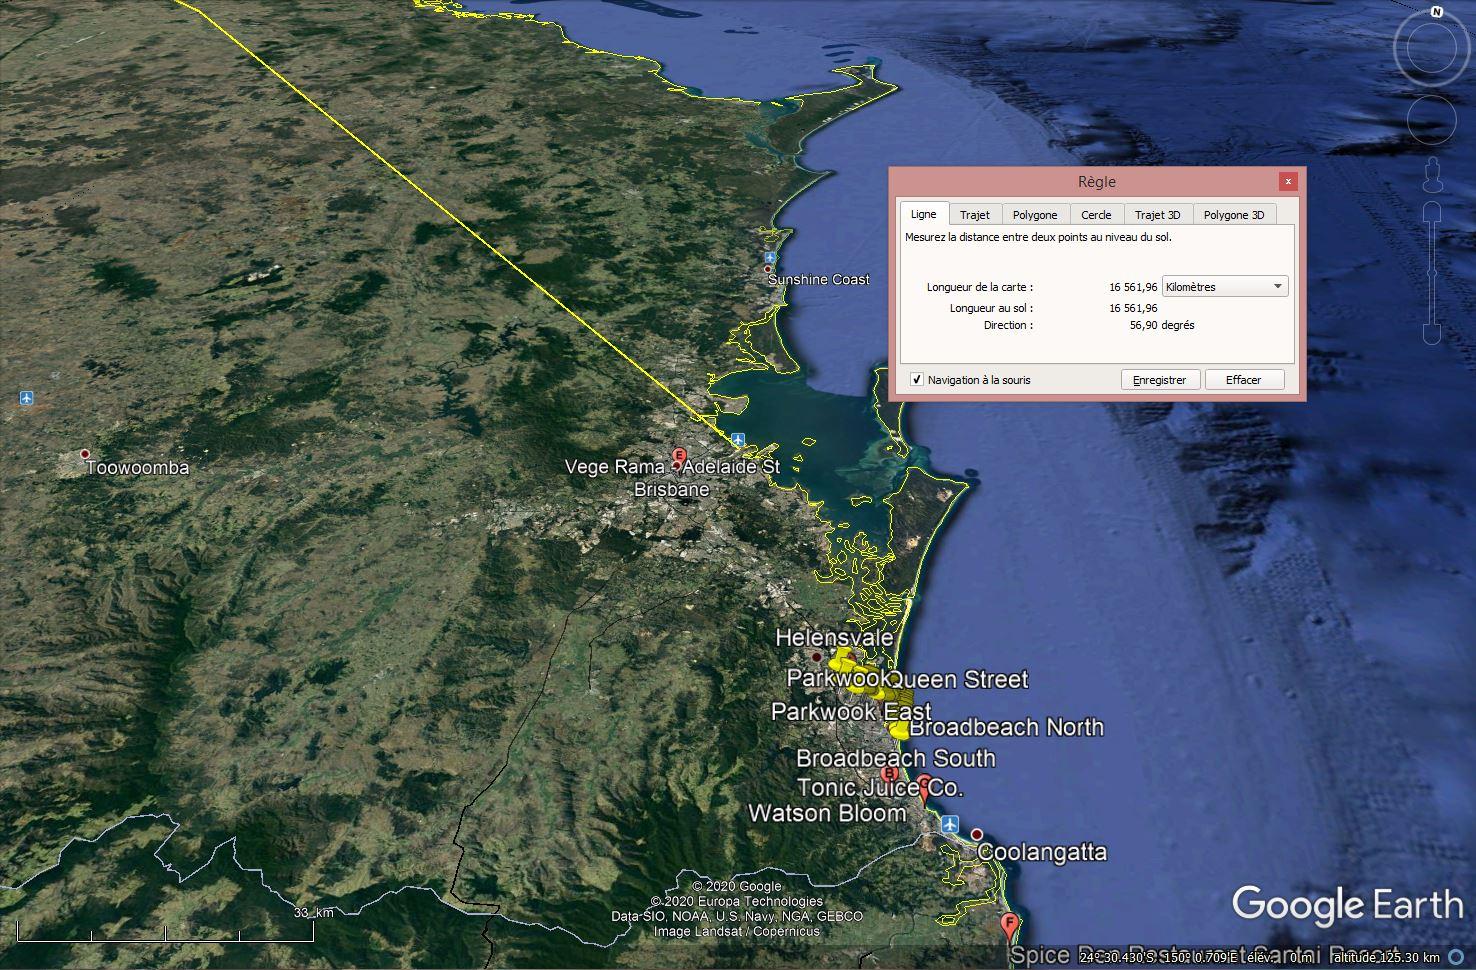 RideTheG - Le direct pour les plages de la Gold Coast Tsge1435